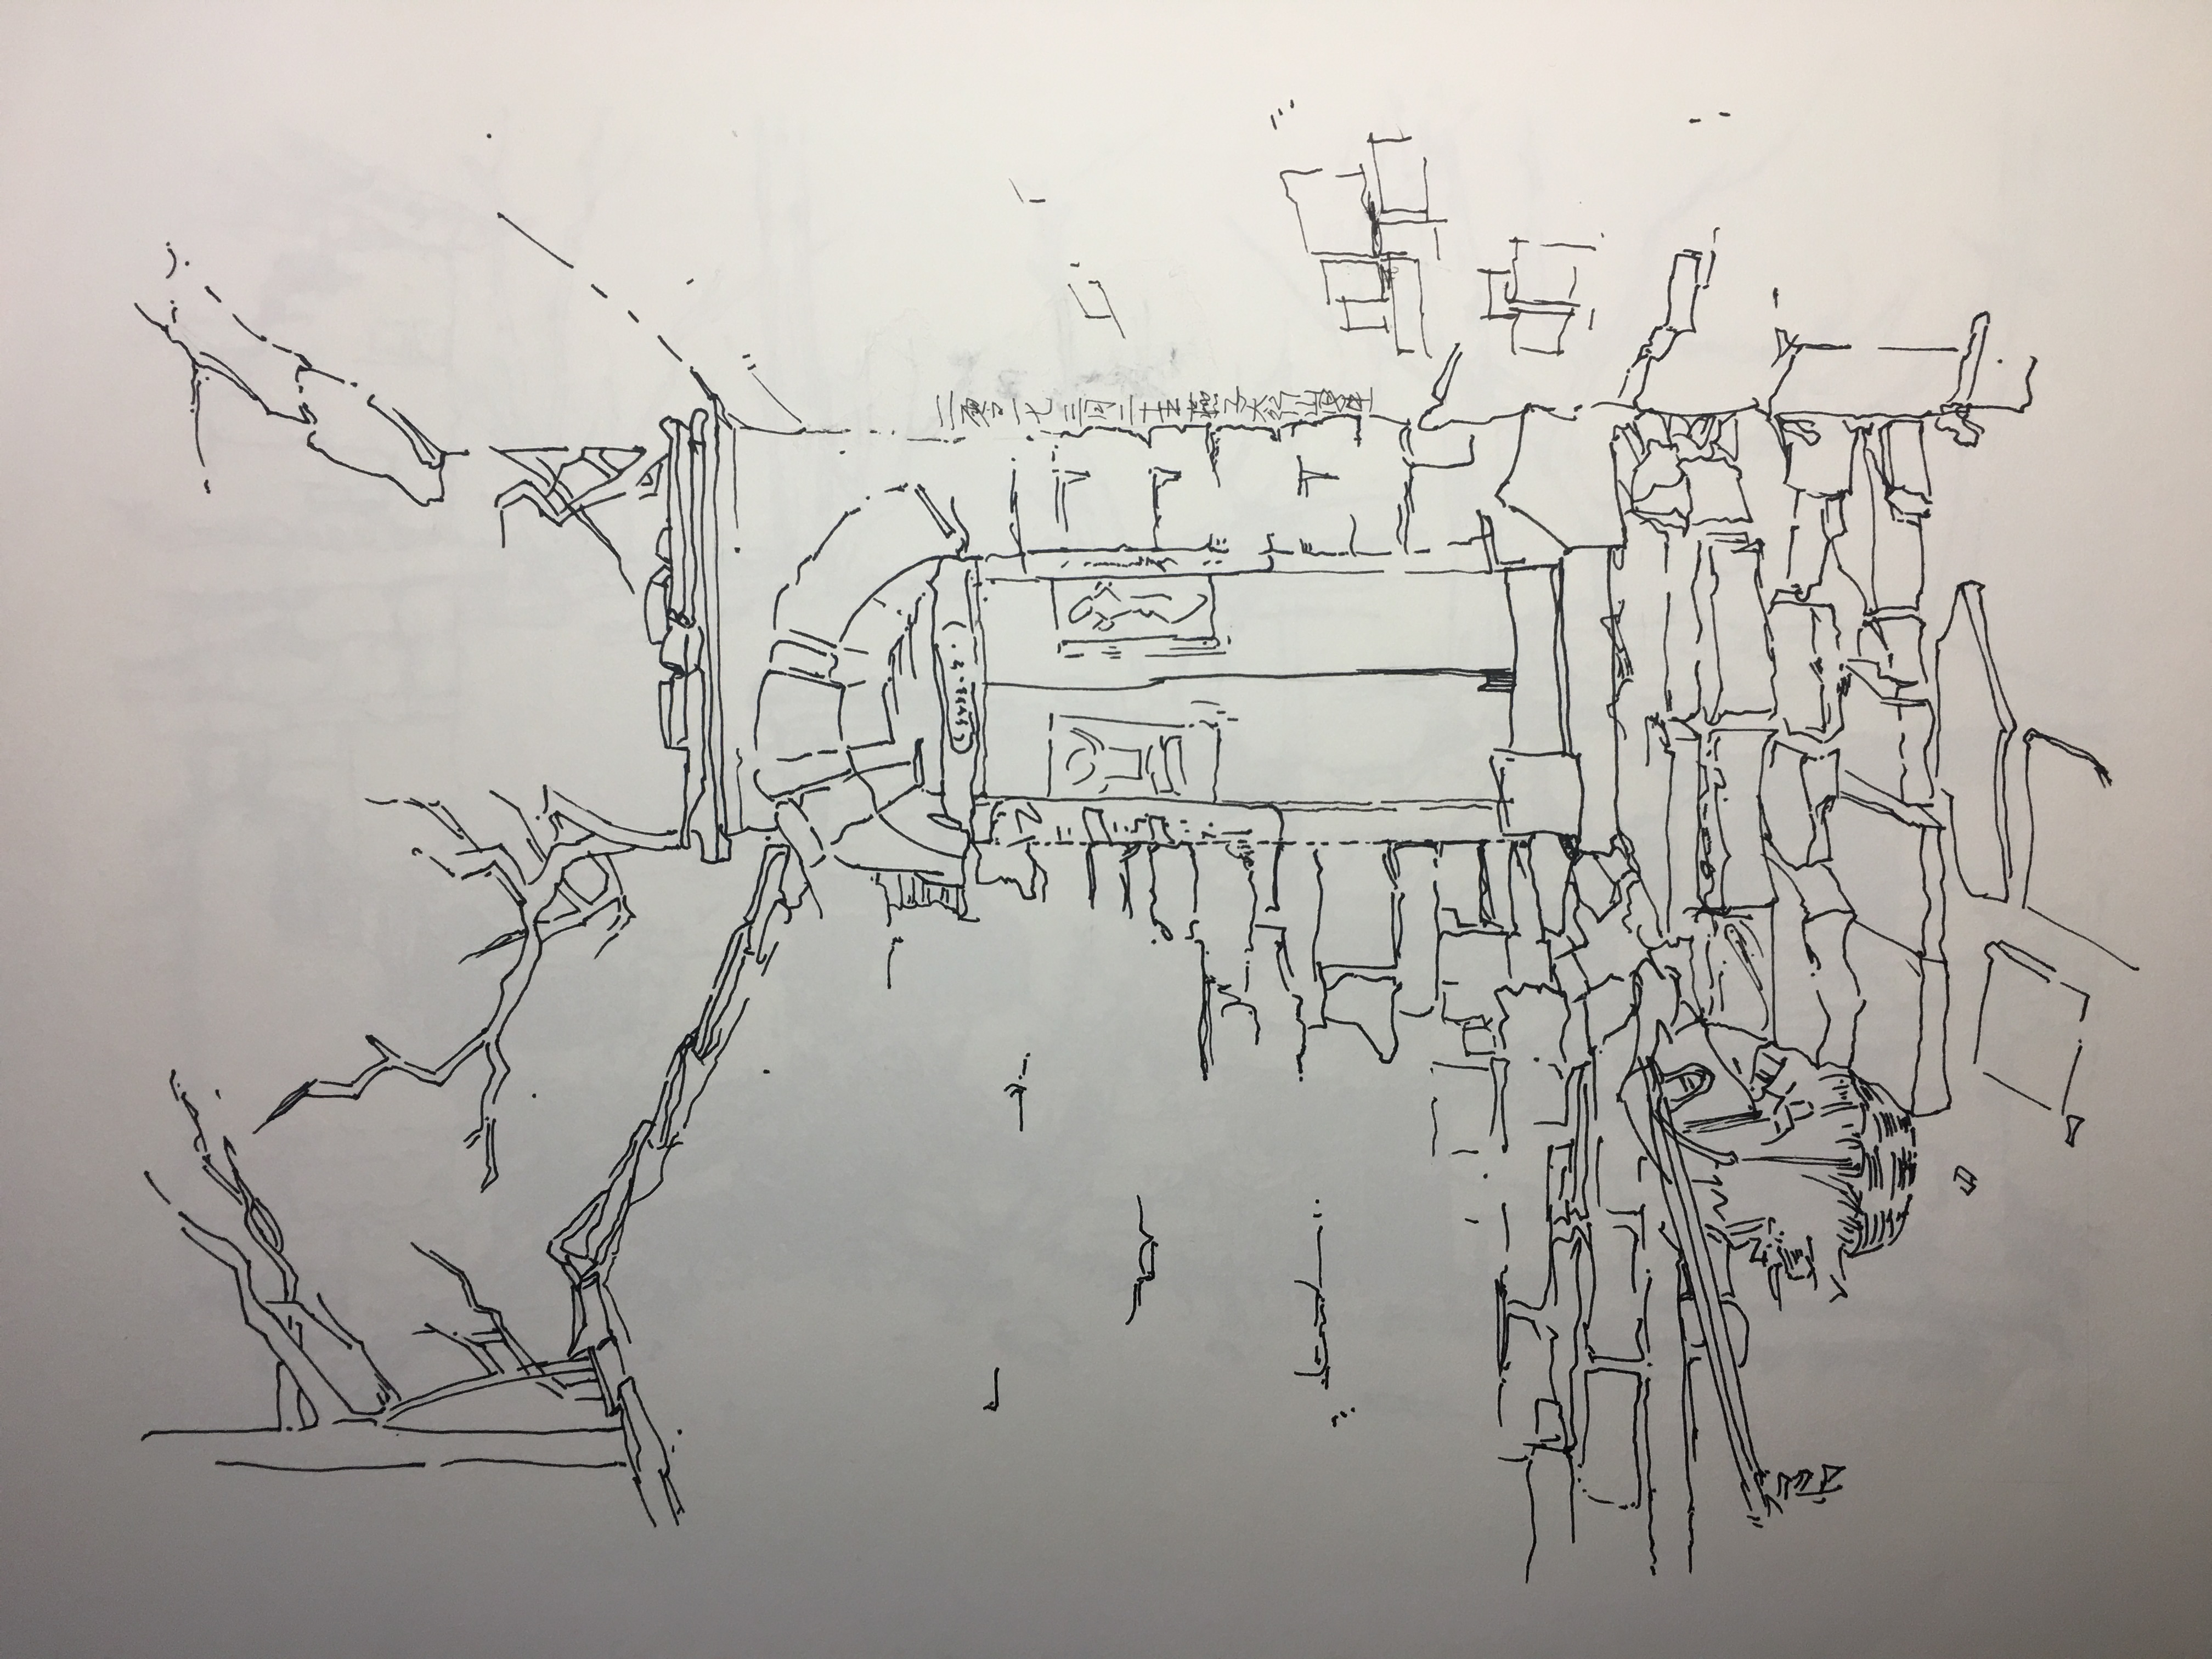 河南太行山写生期间画作,钢笔手绘画作.